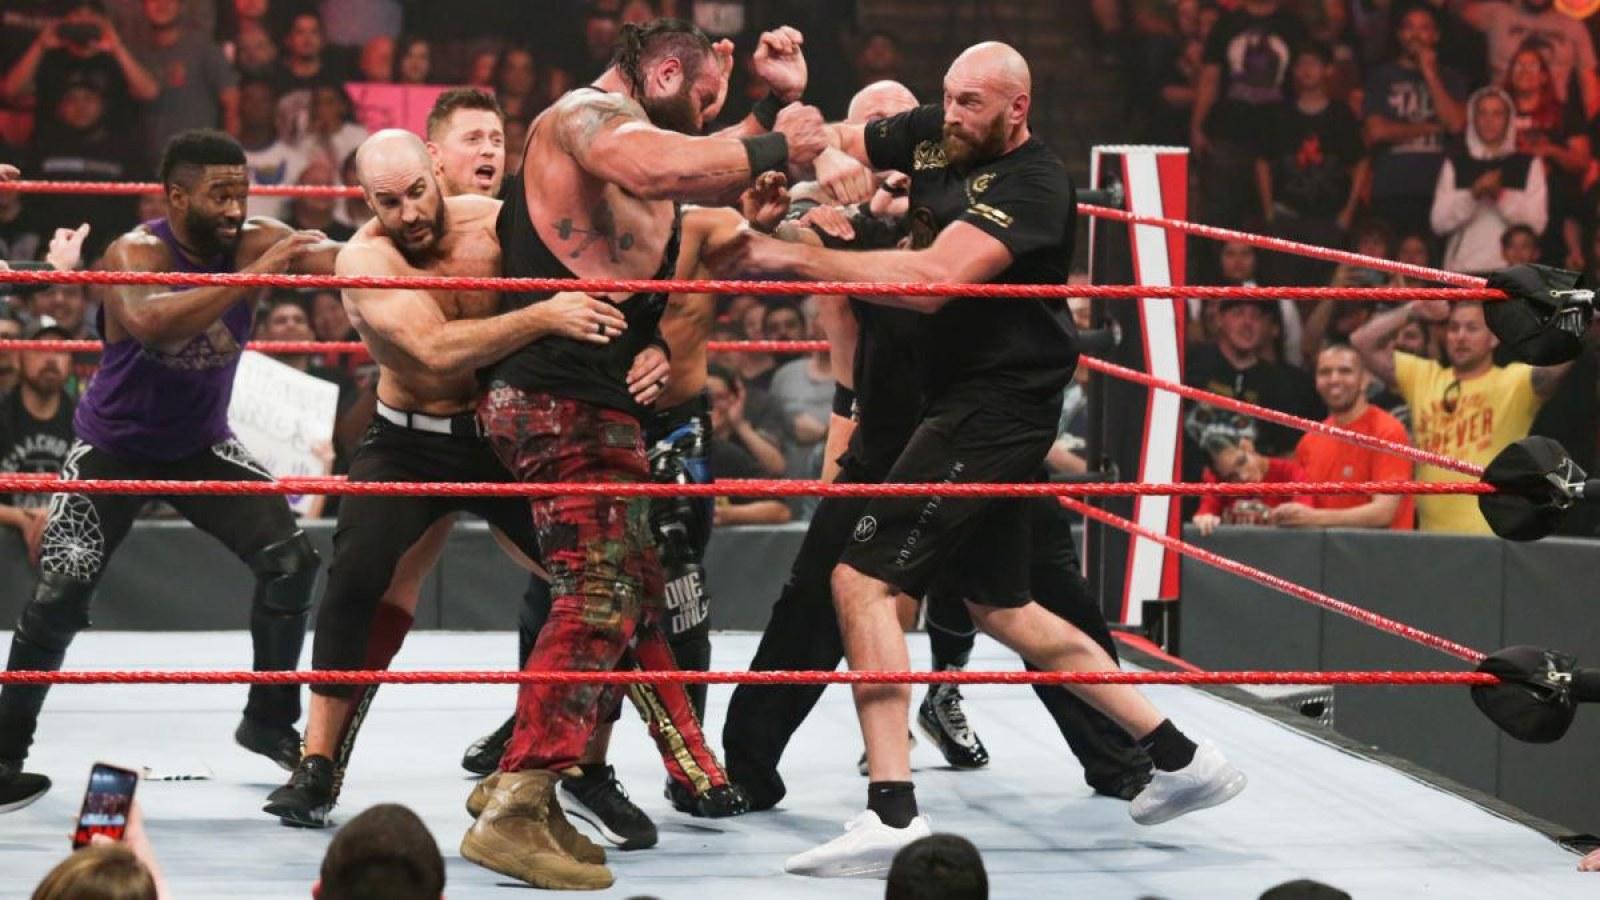 Image result for big wrestling brawl